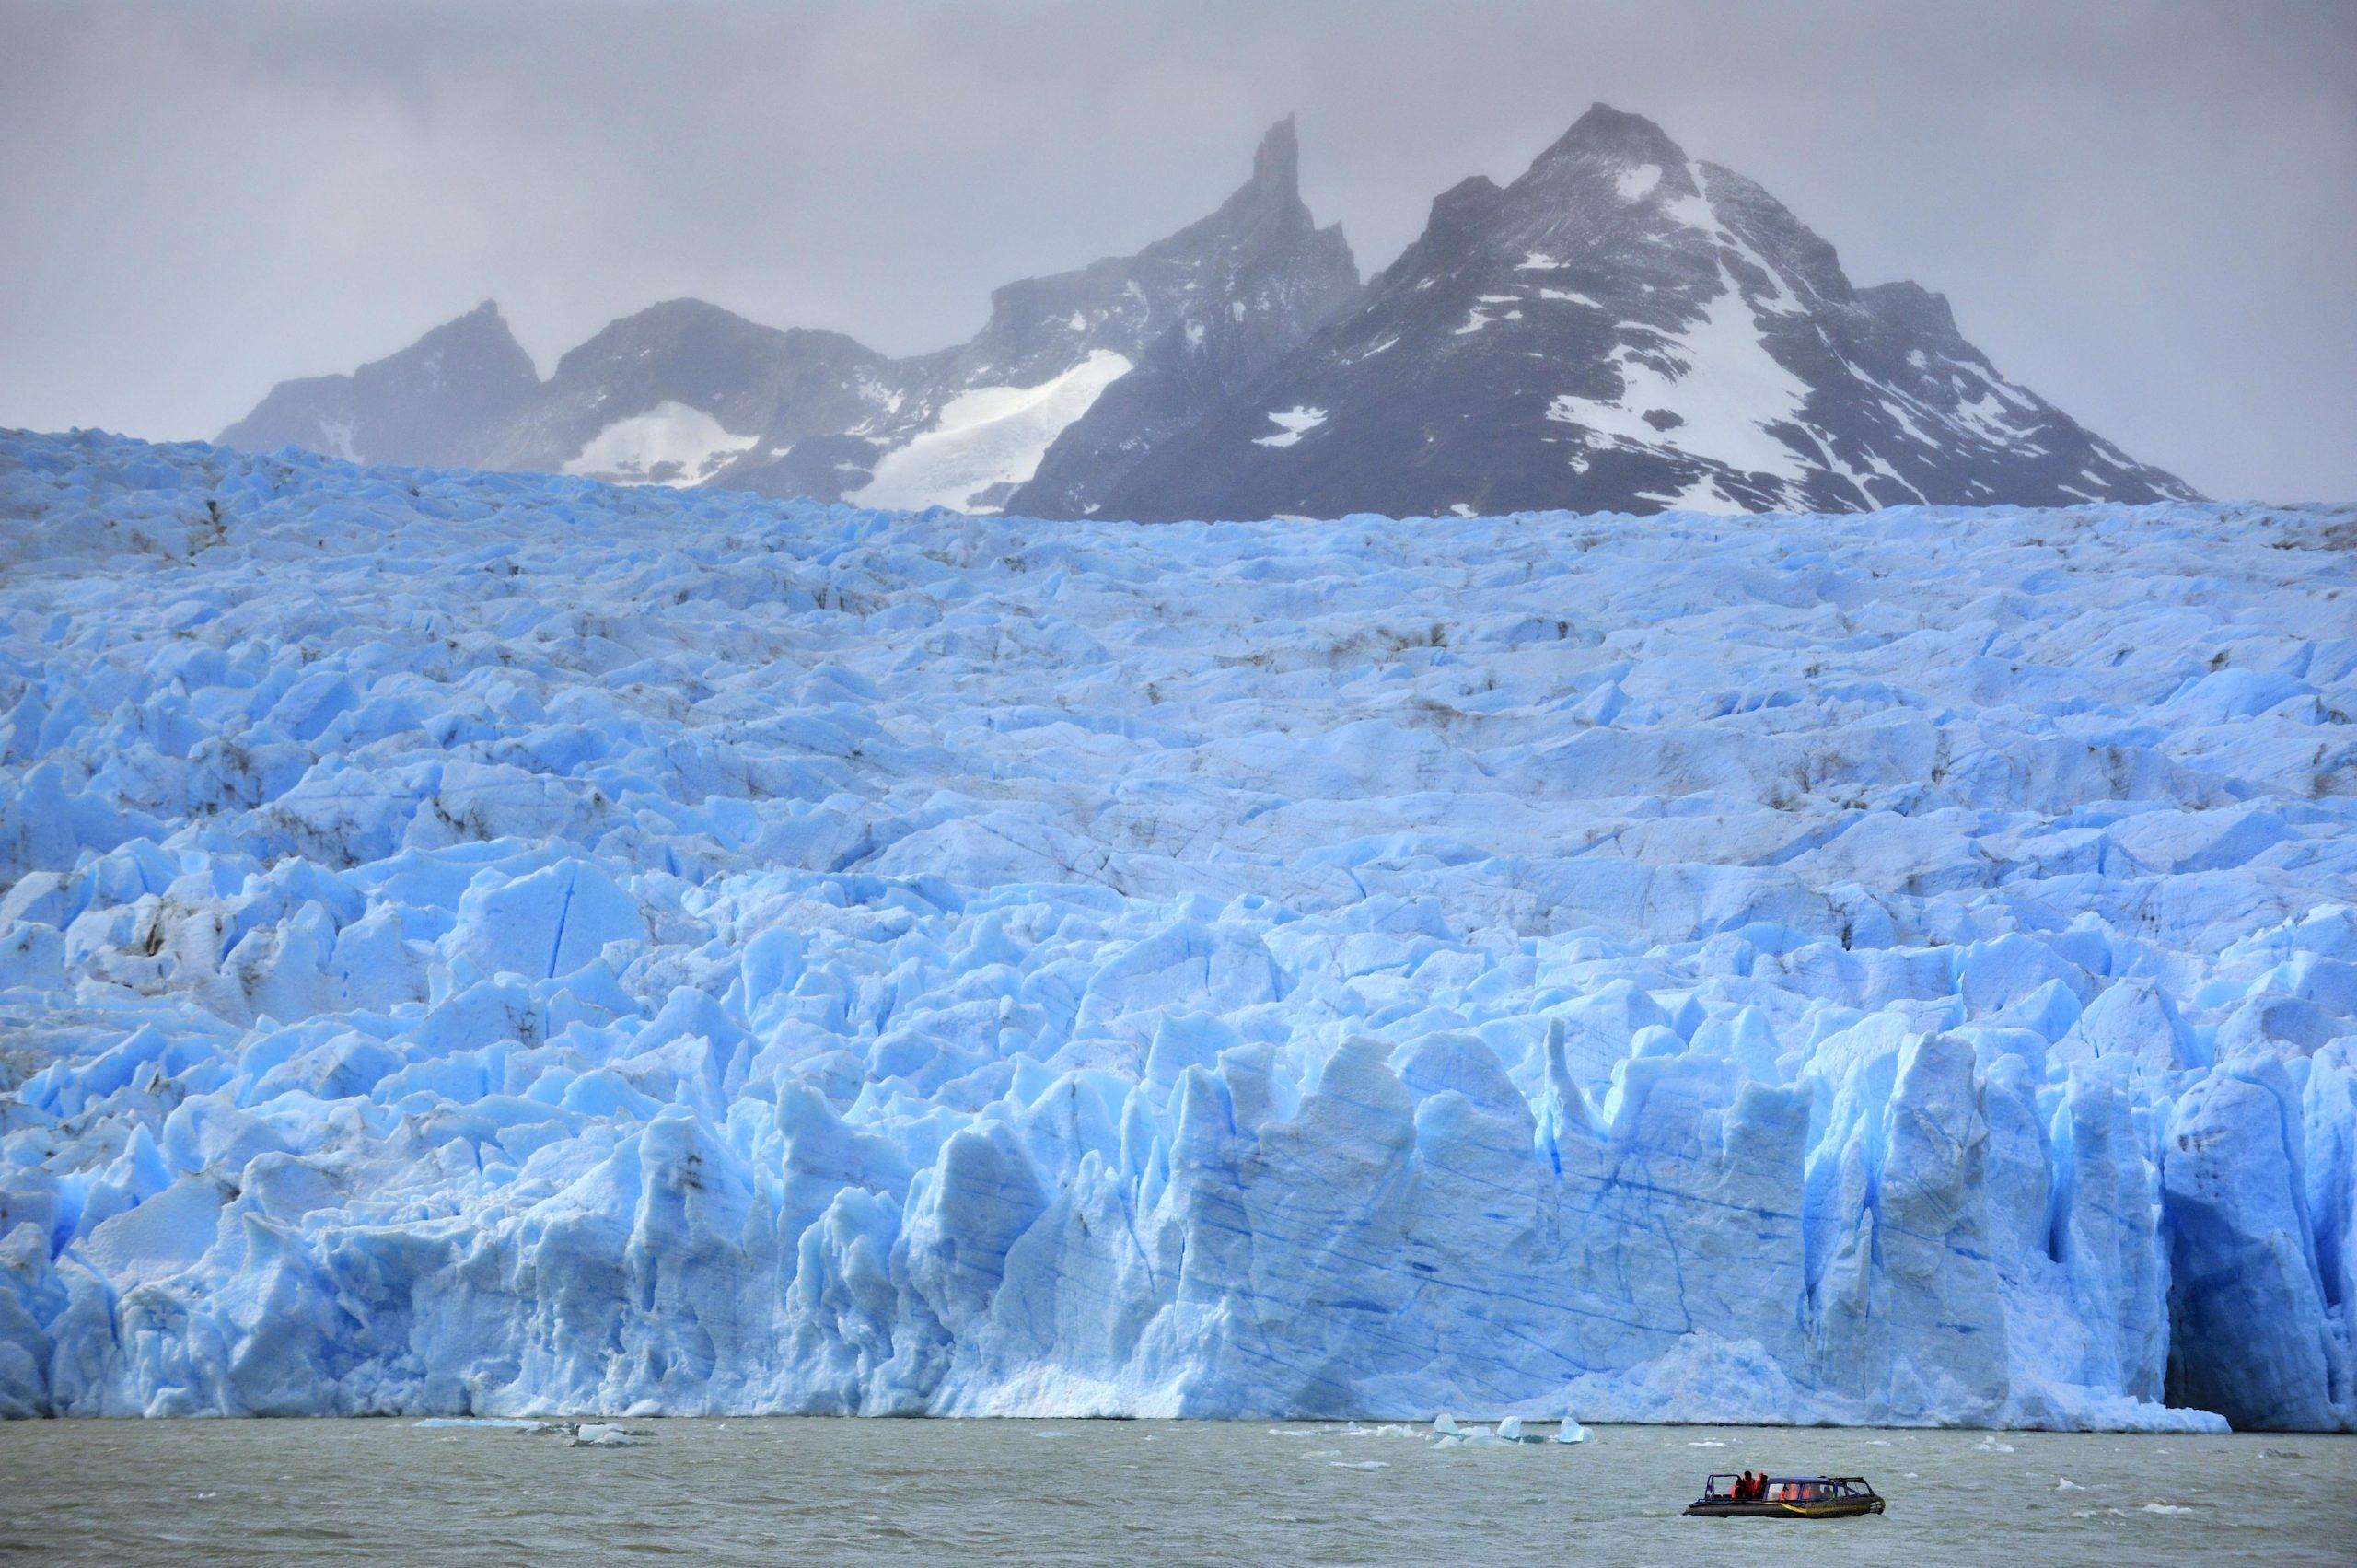 El Calafate – Besuch des Perito Moreno Gletschers